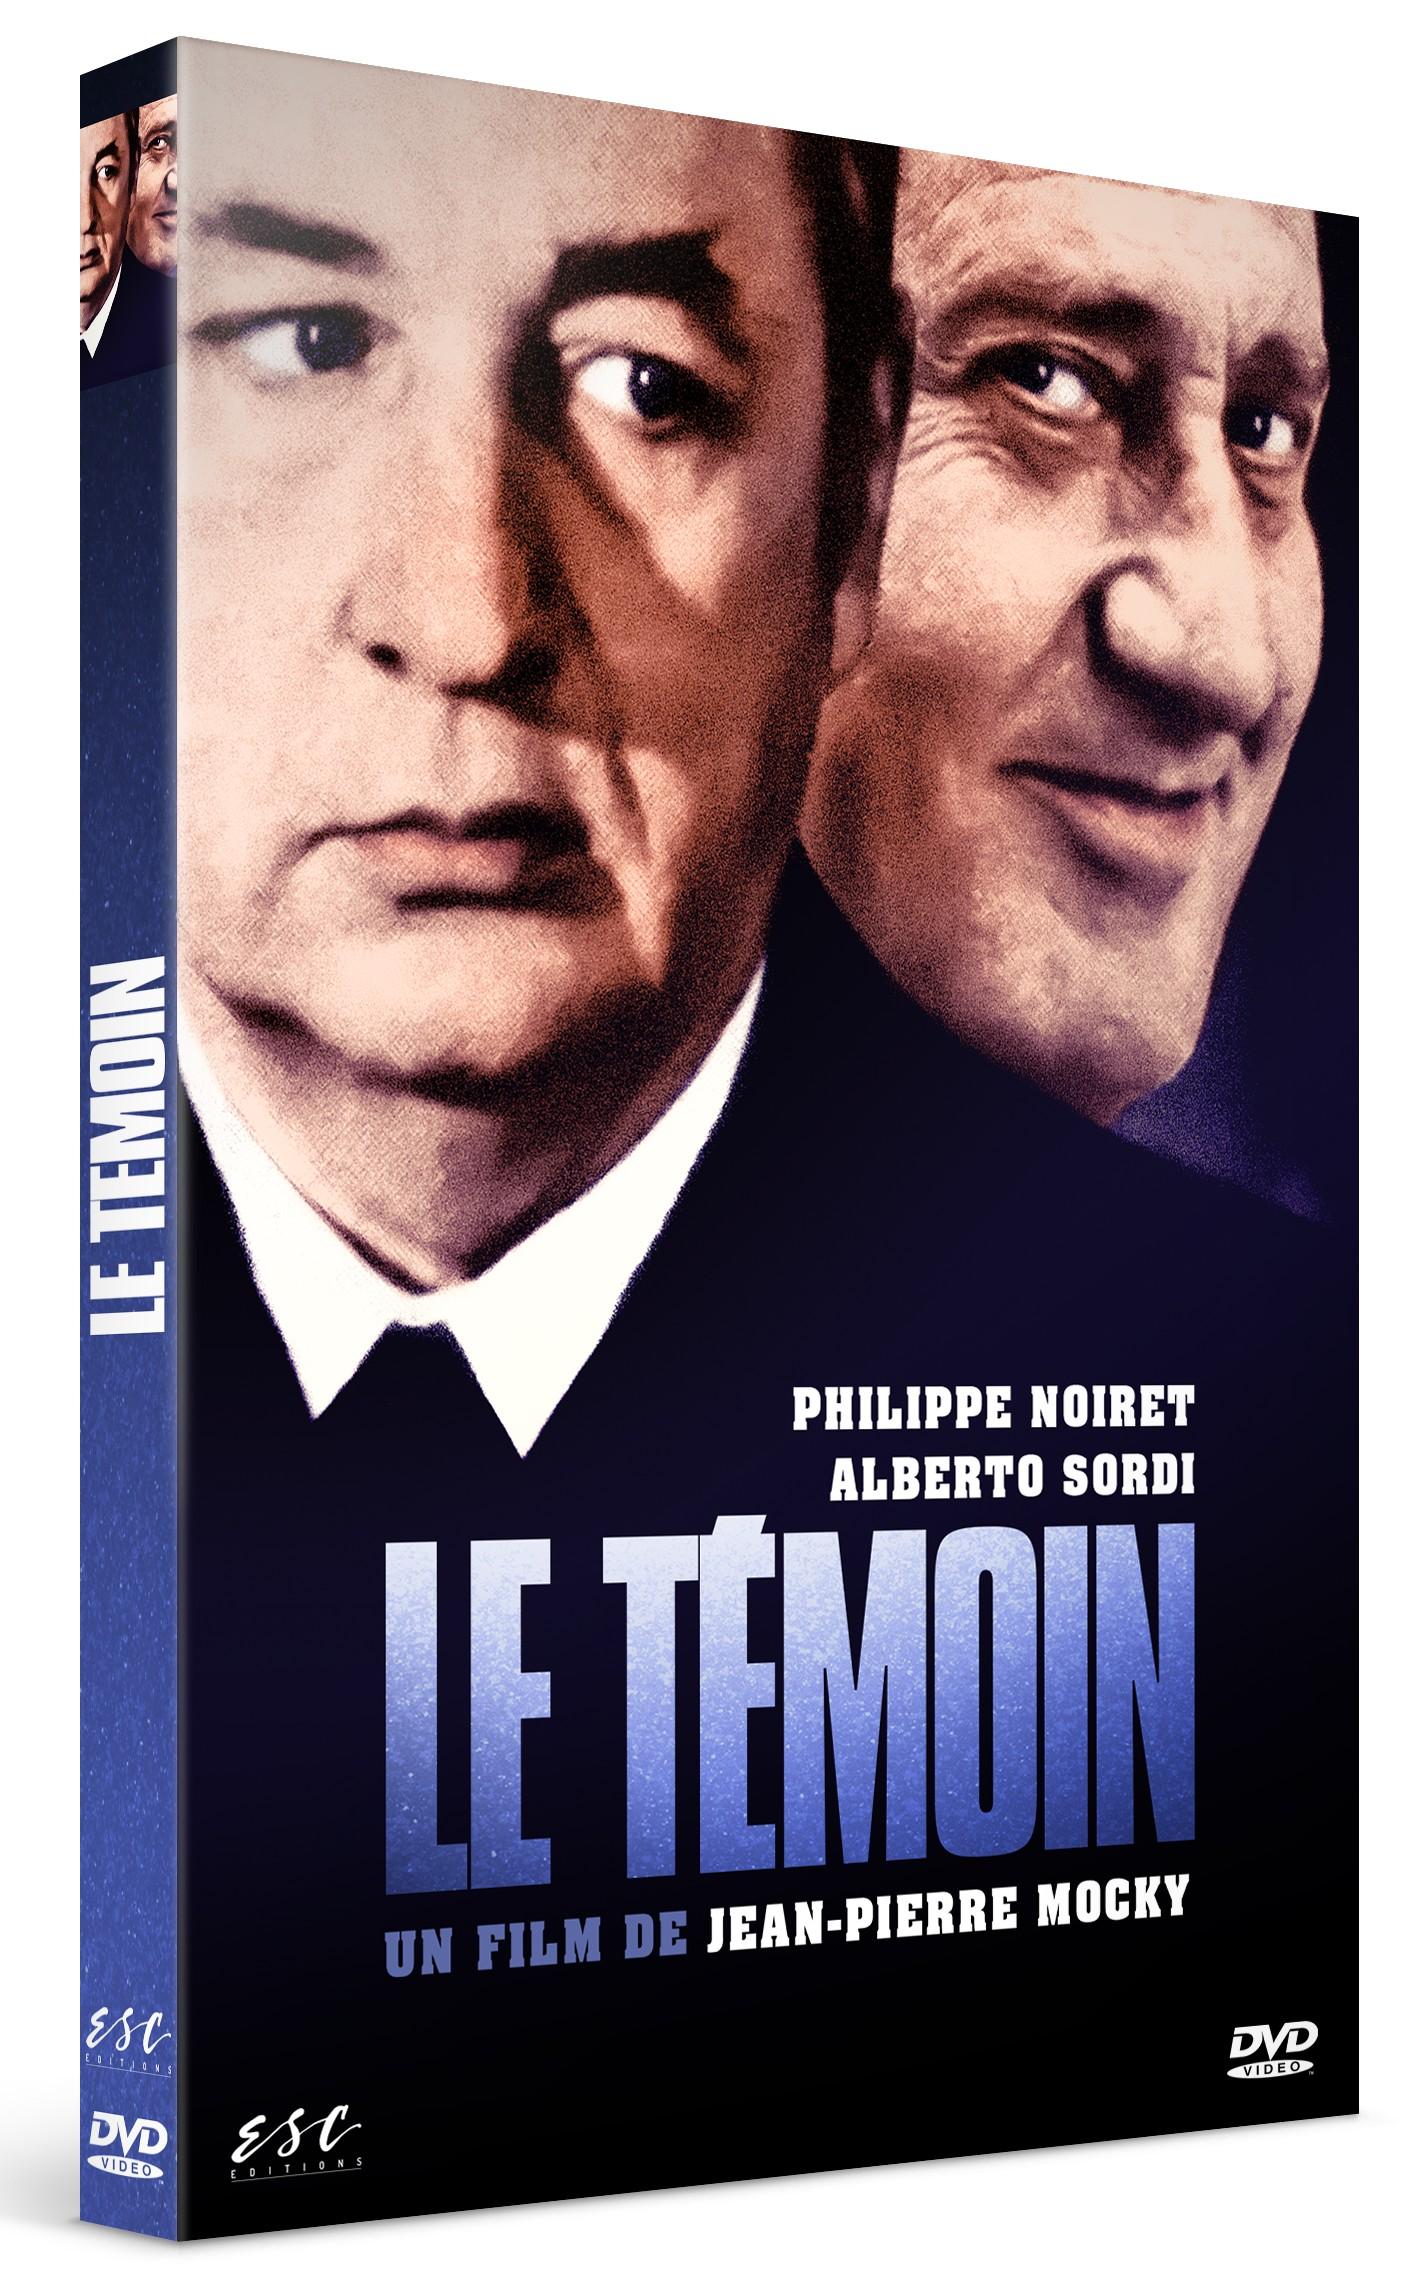 LE TEMOIN